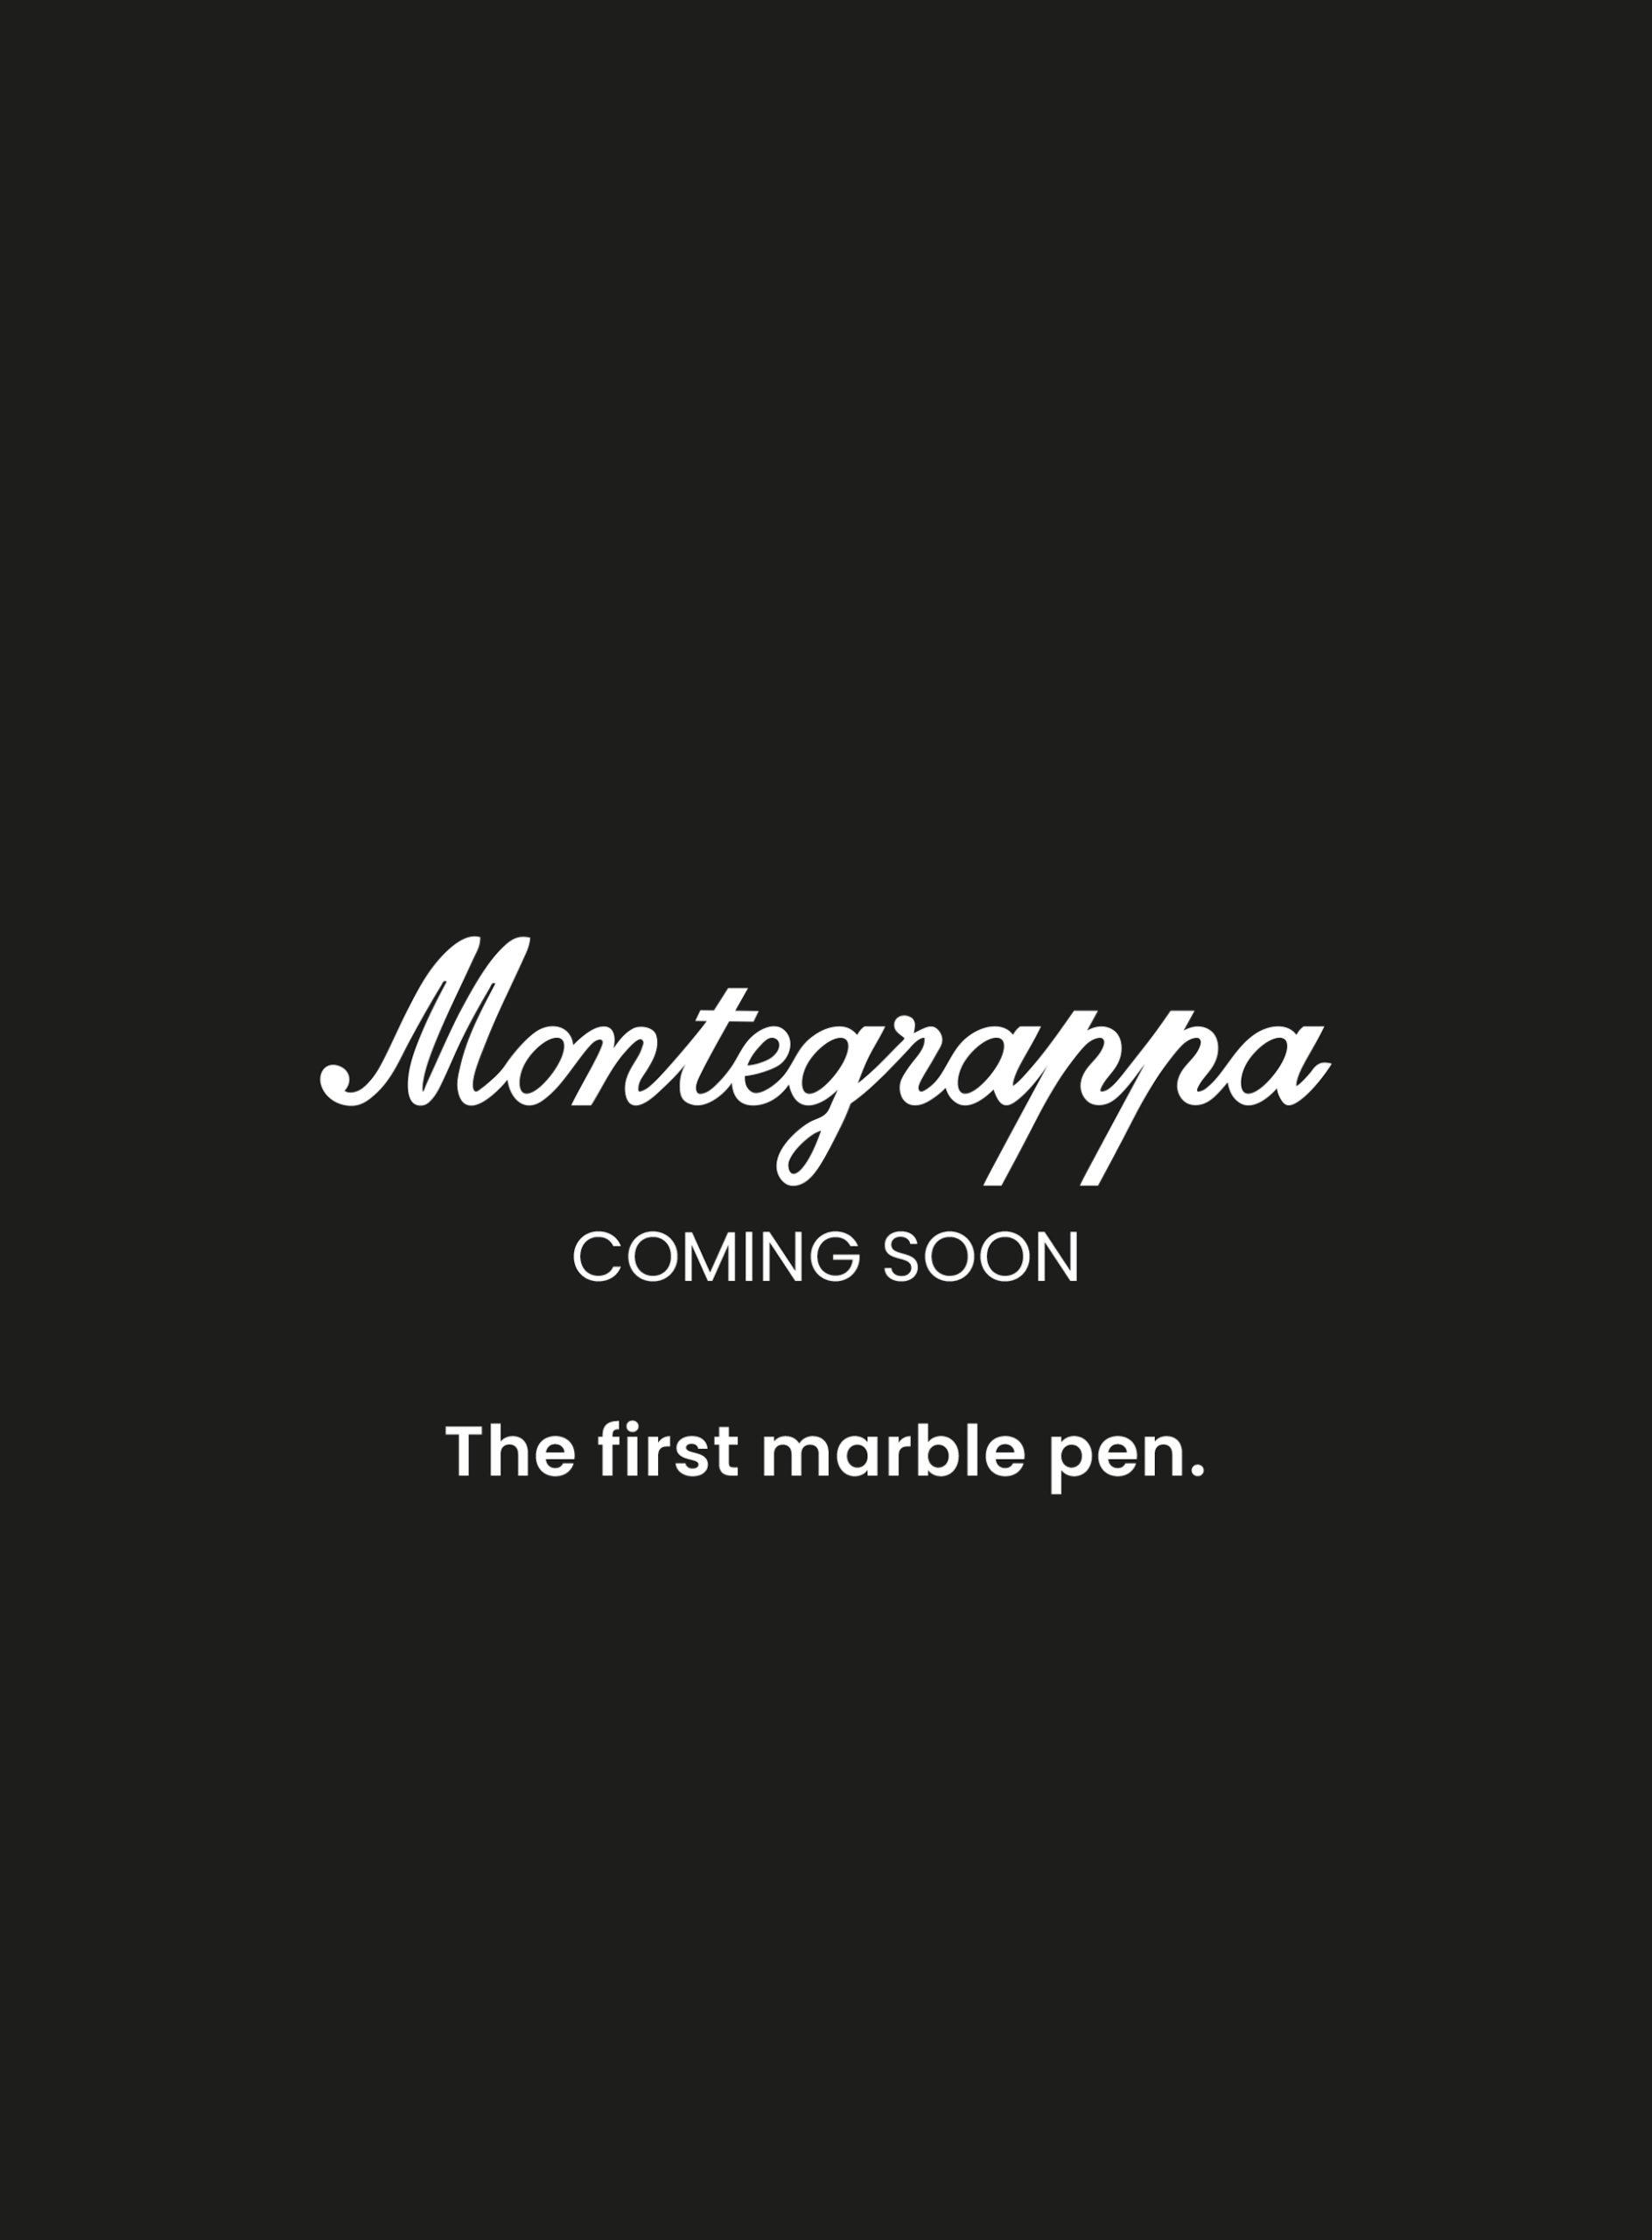 Montegrappa Italia